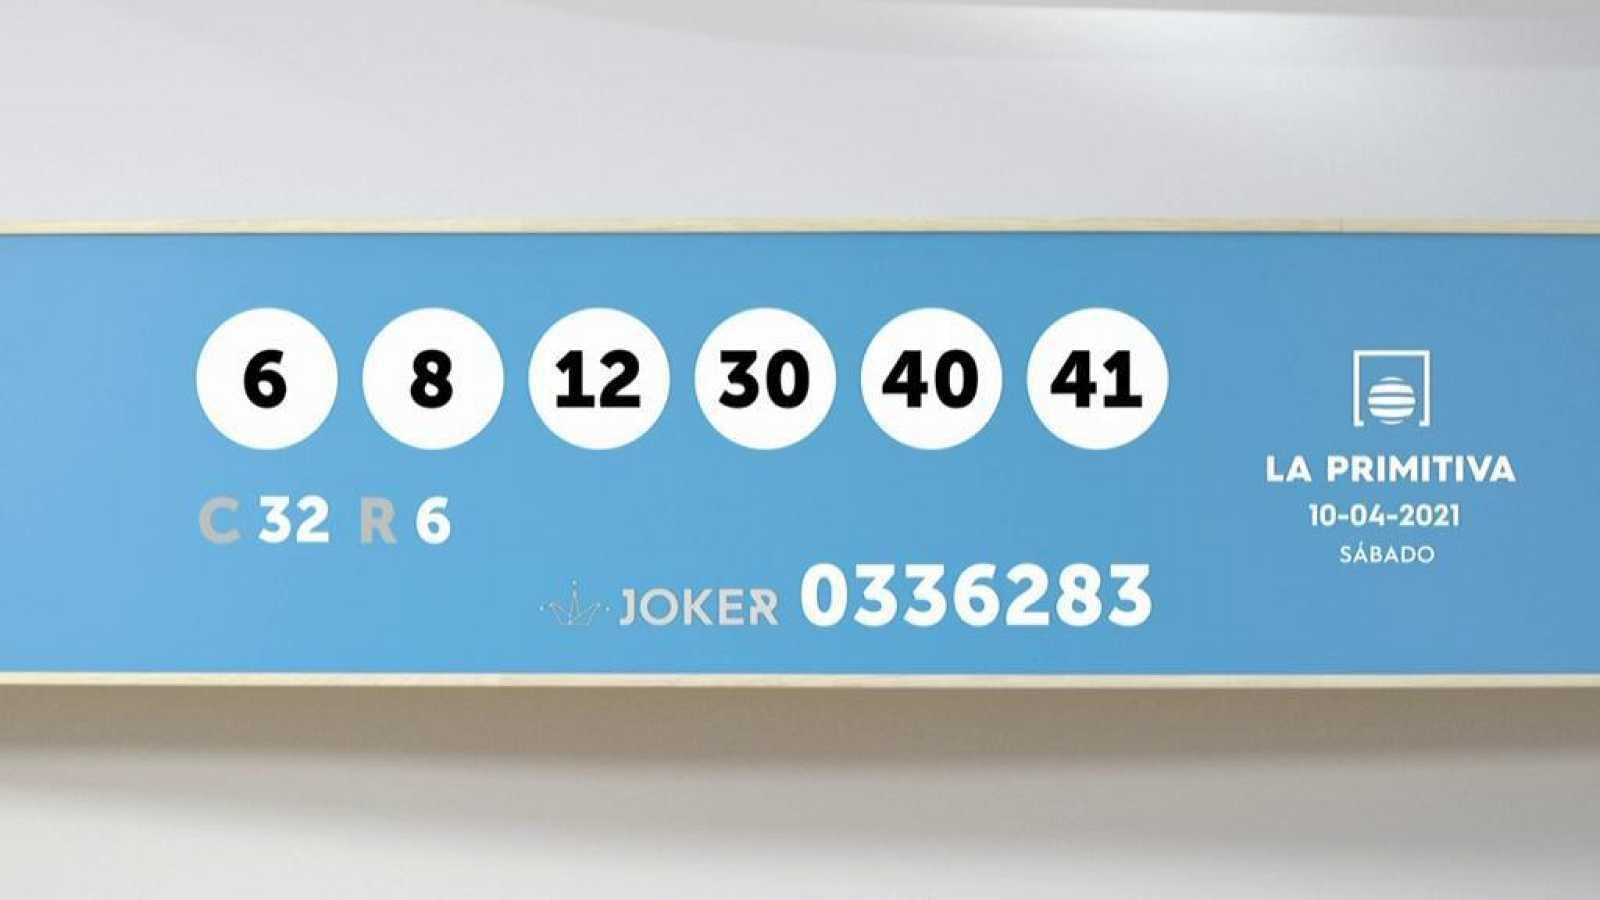 Sorteo de la Lotería Primitiva y Joker del 10/04/2021 - Ver ahora